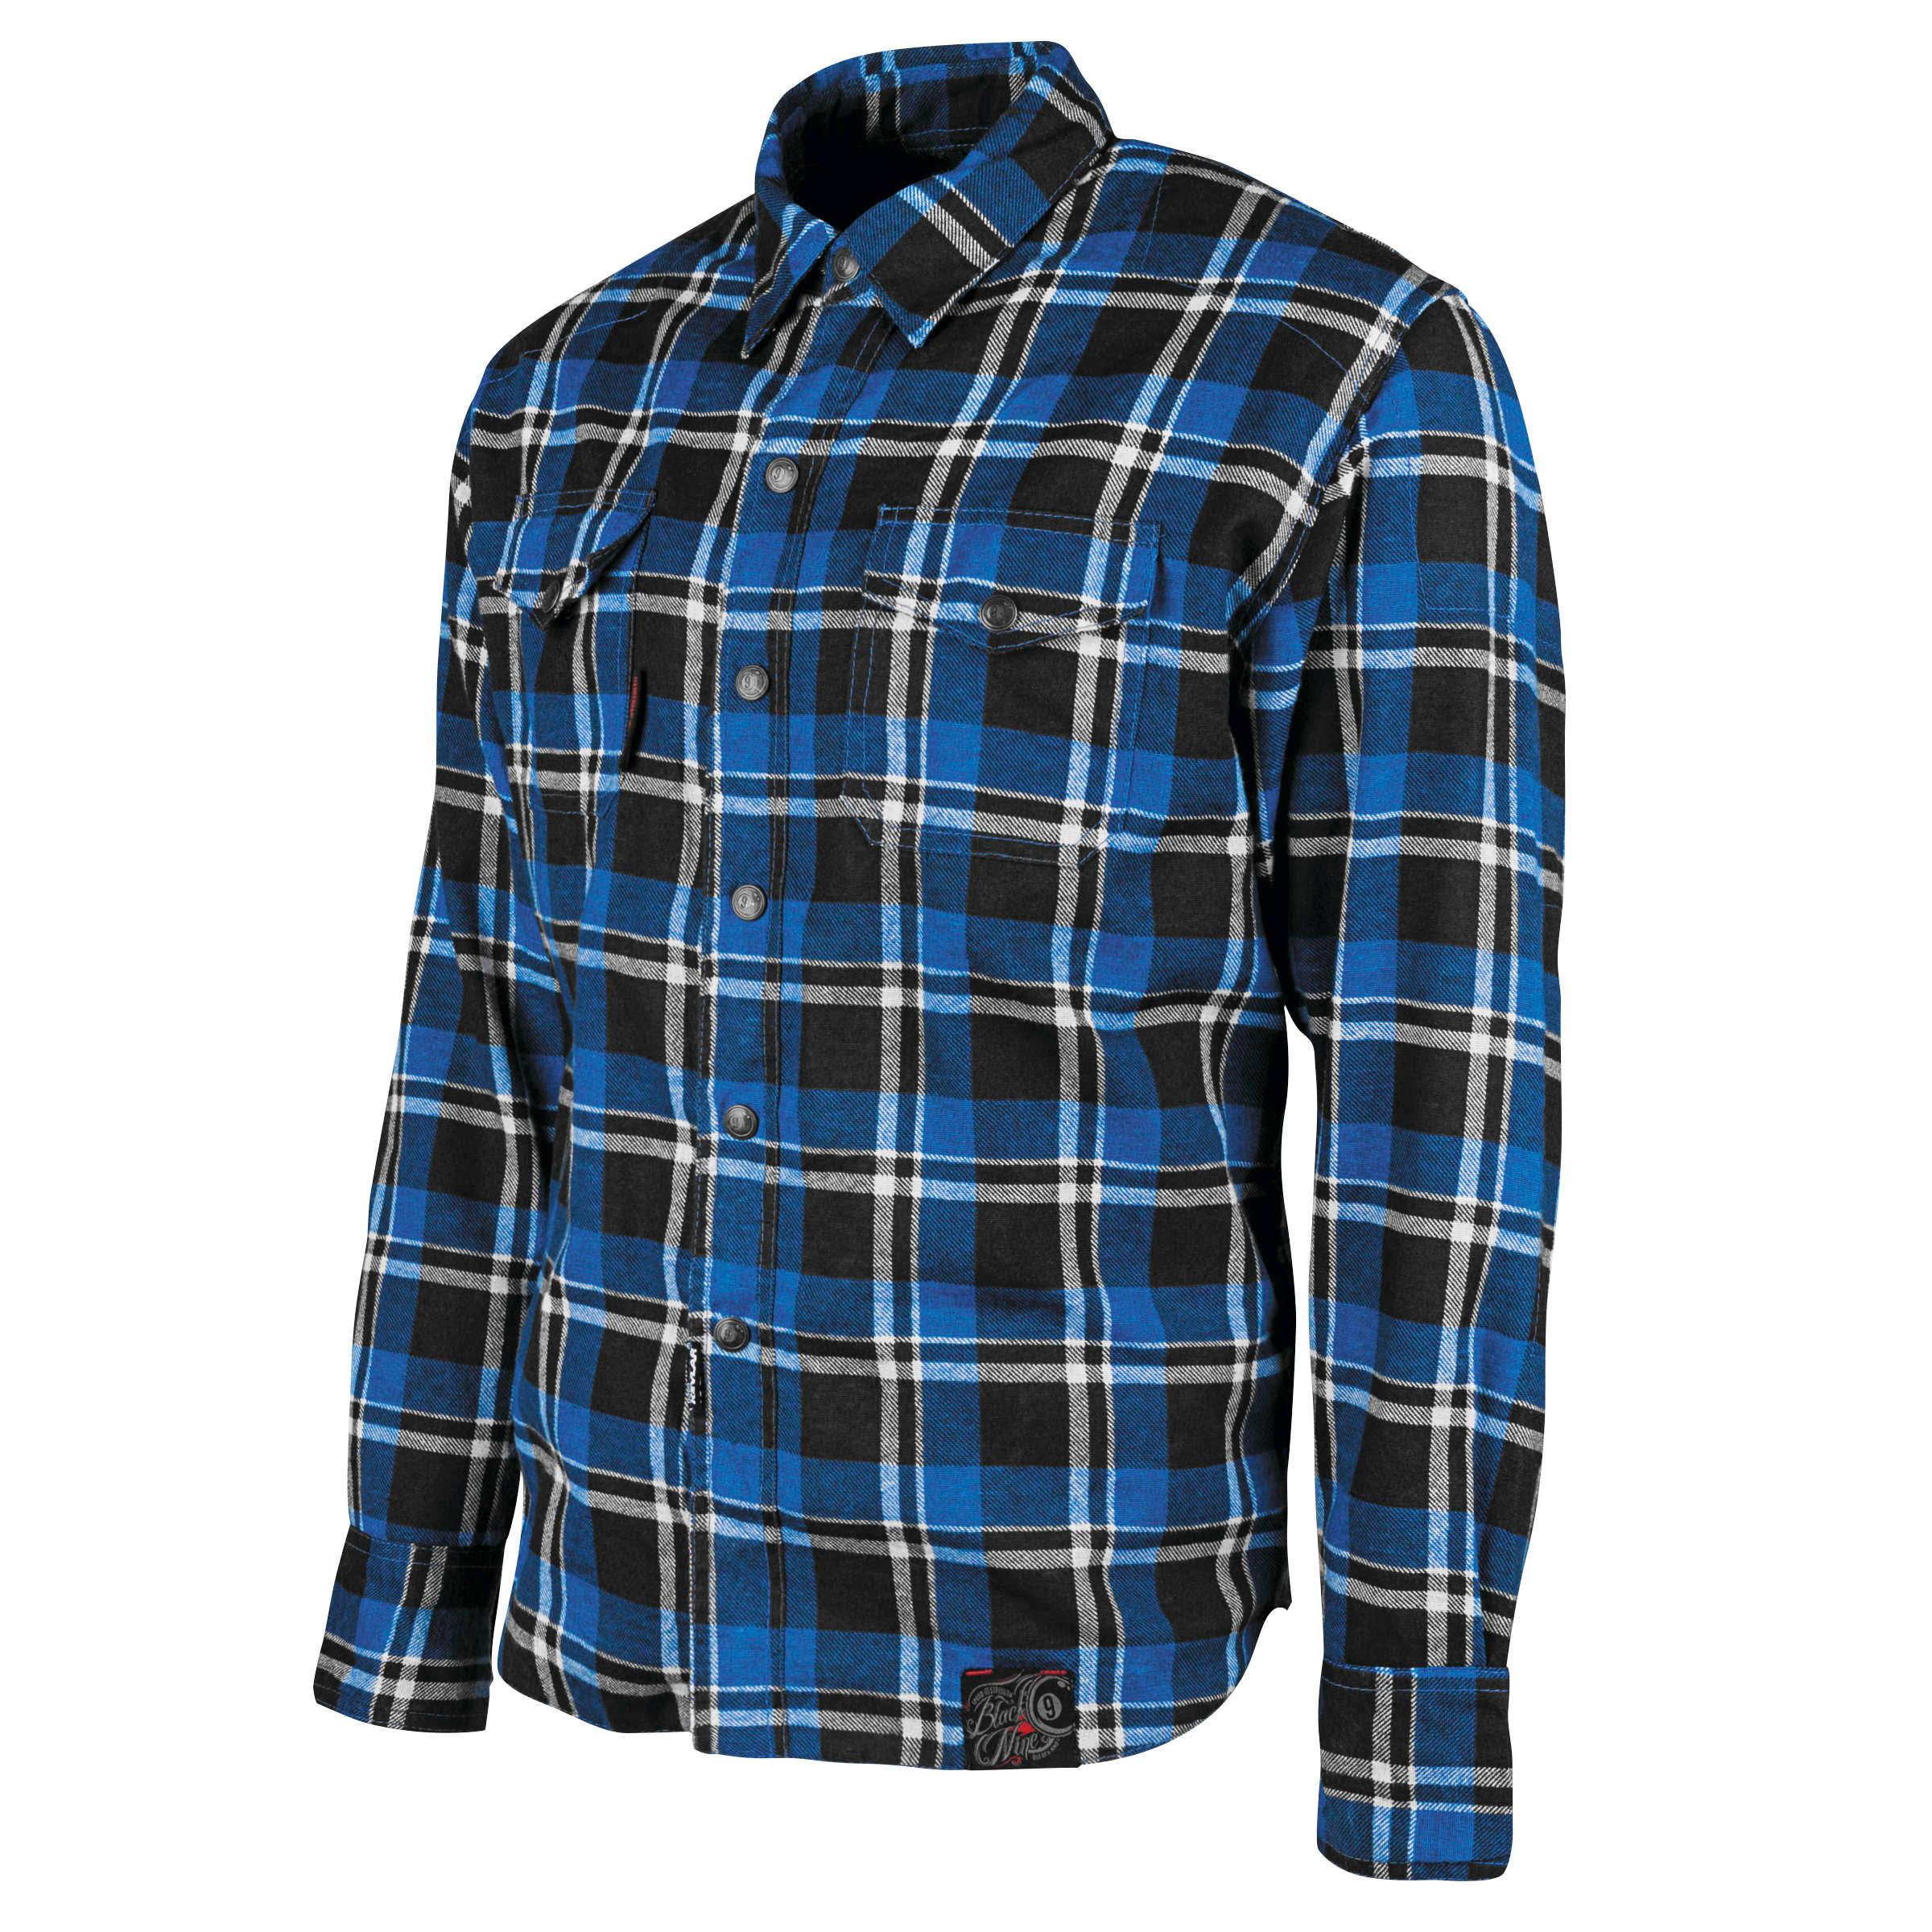 Black Stärke Blau Geschwindigkeit Und 9 Moto 2xl Schwarz Shirt rEE5A